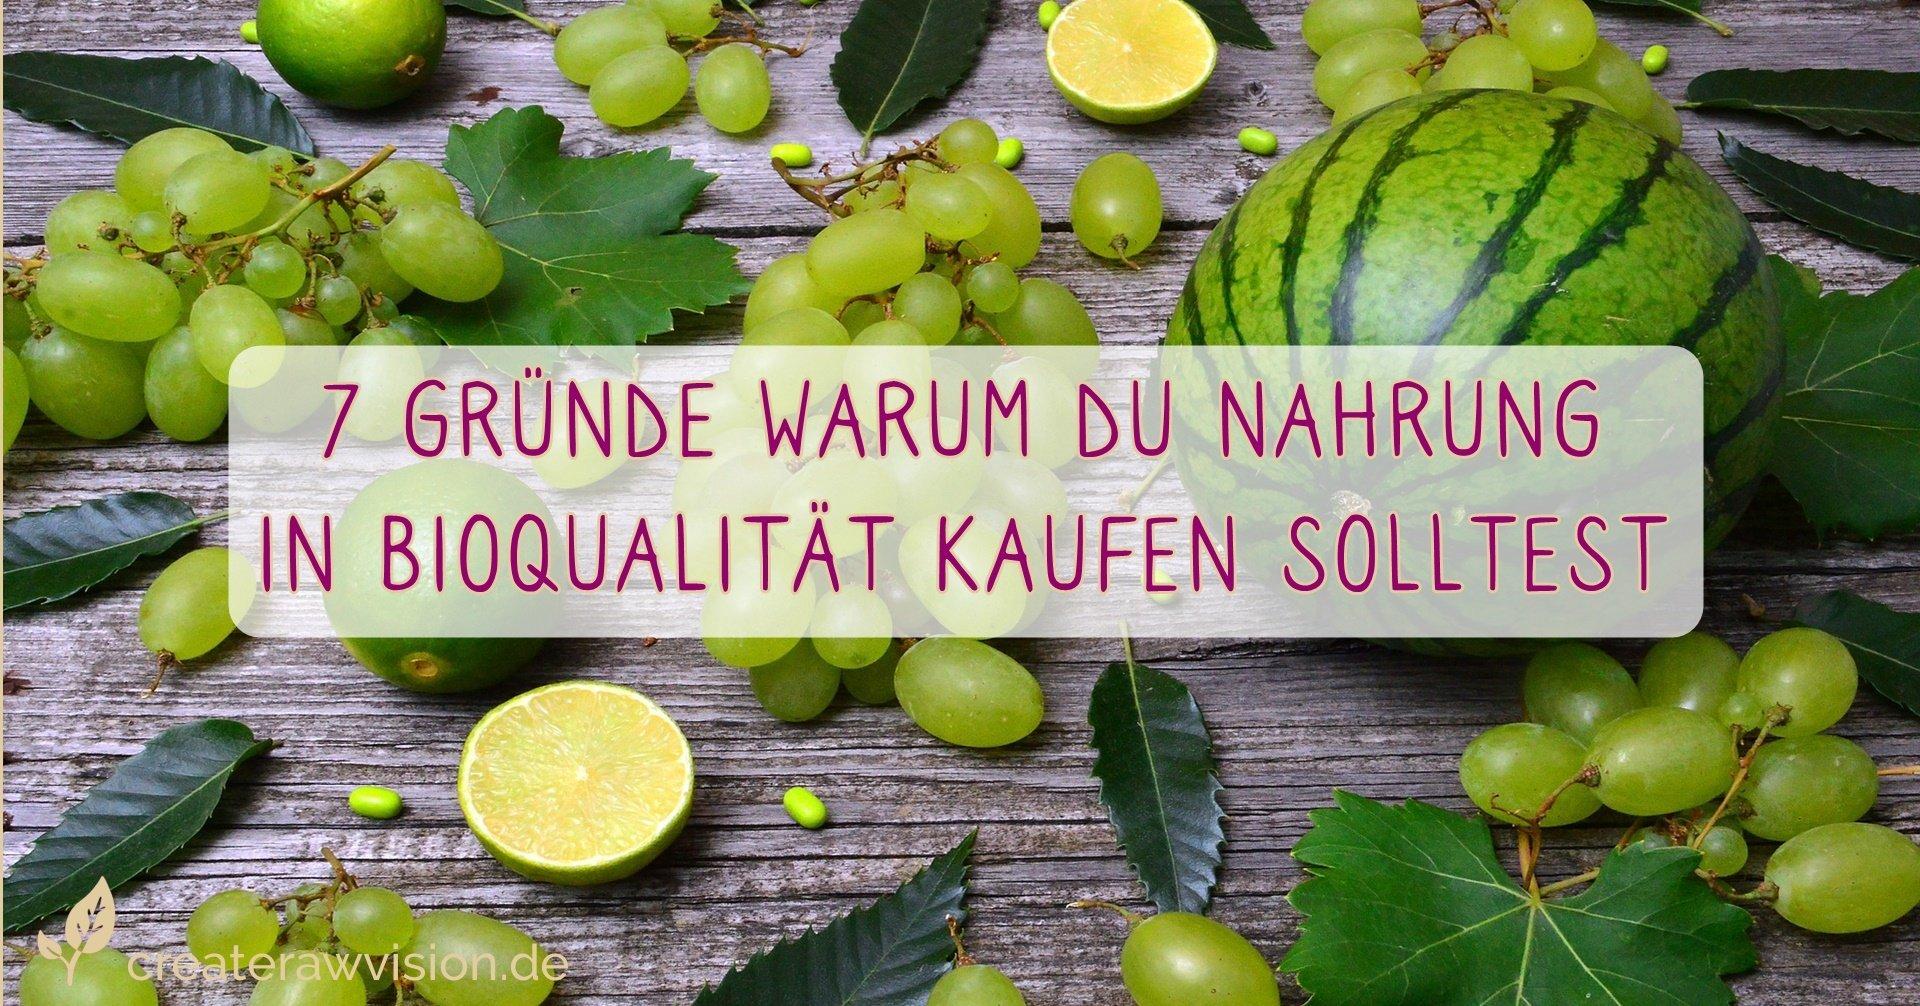 Früchte - Nahrung in Bioqualität